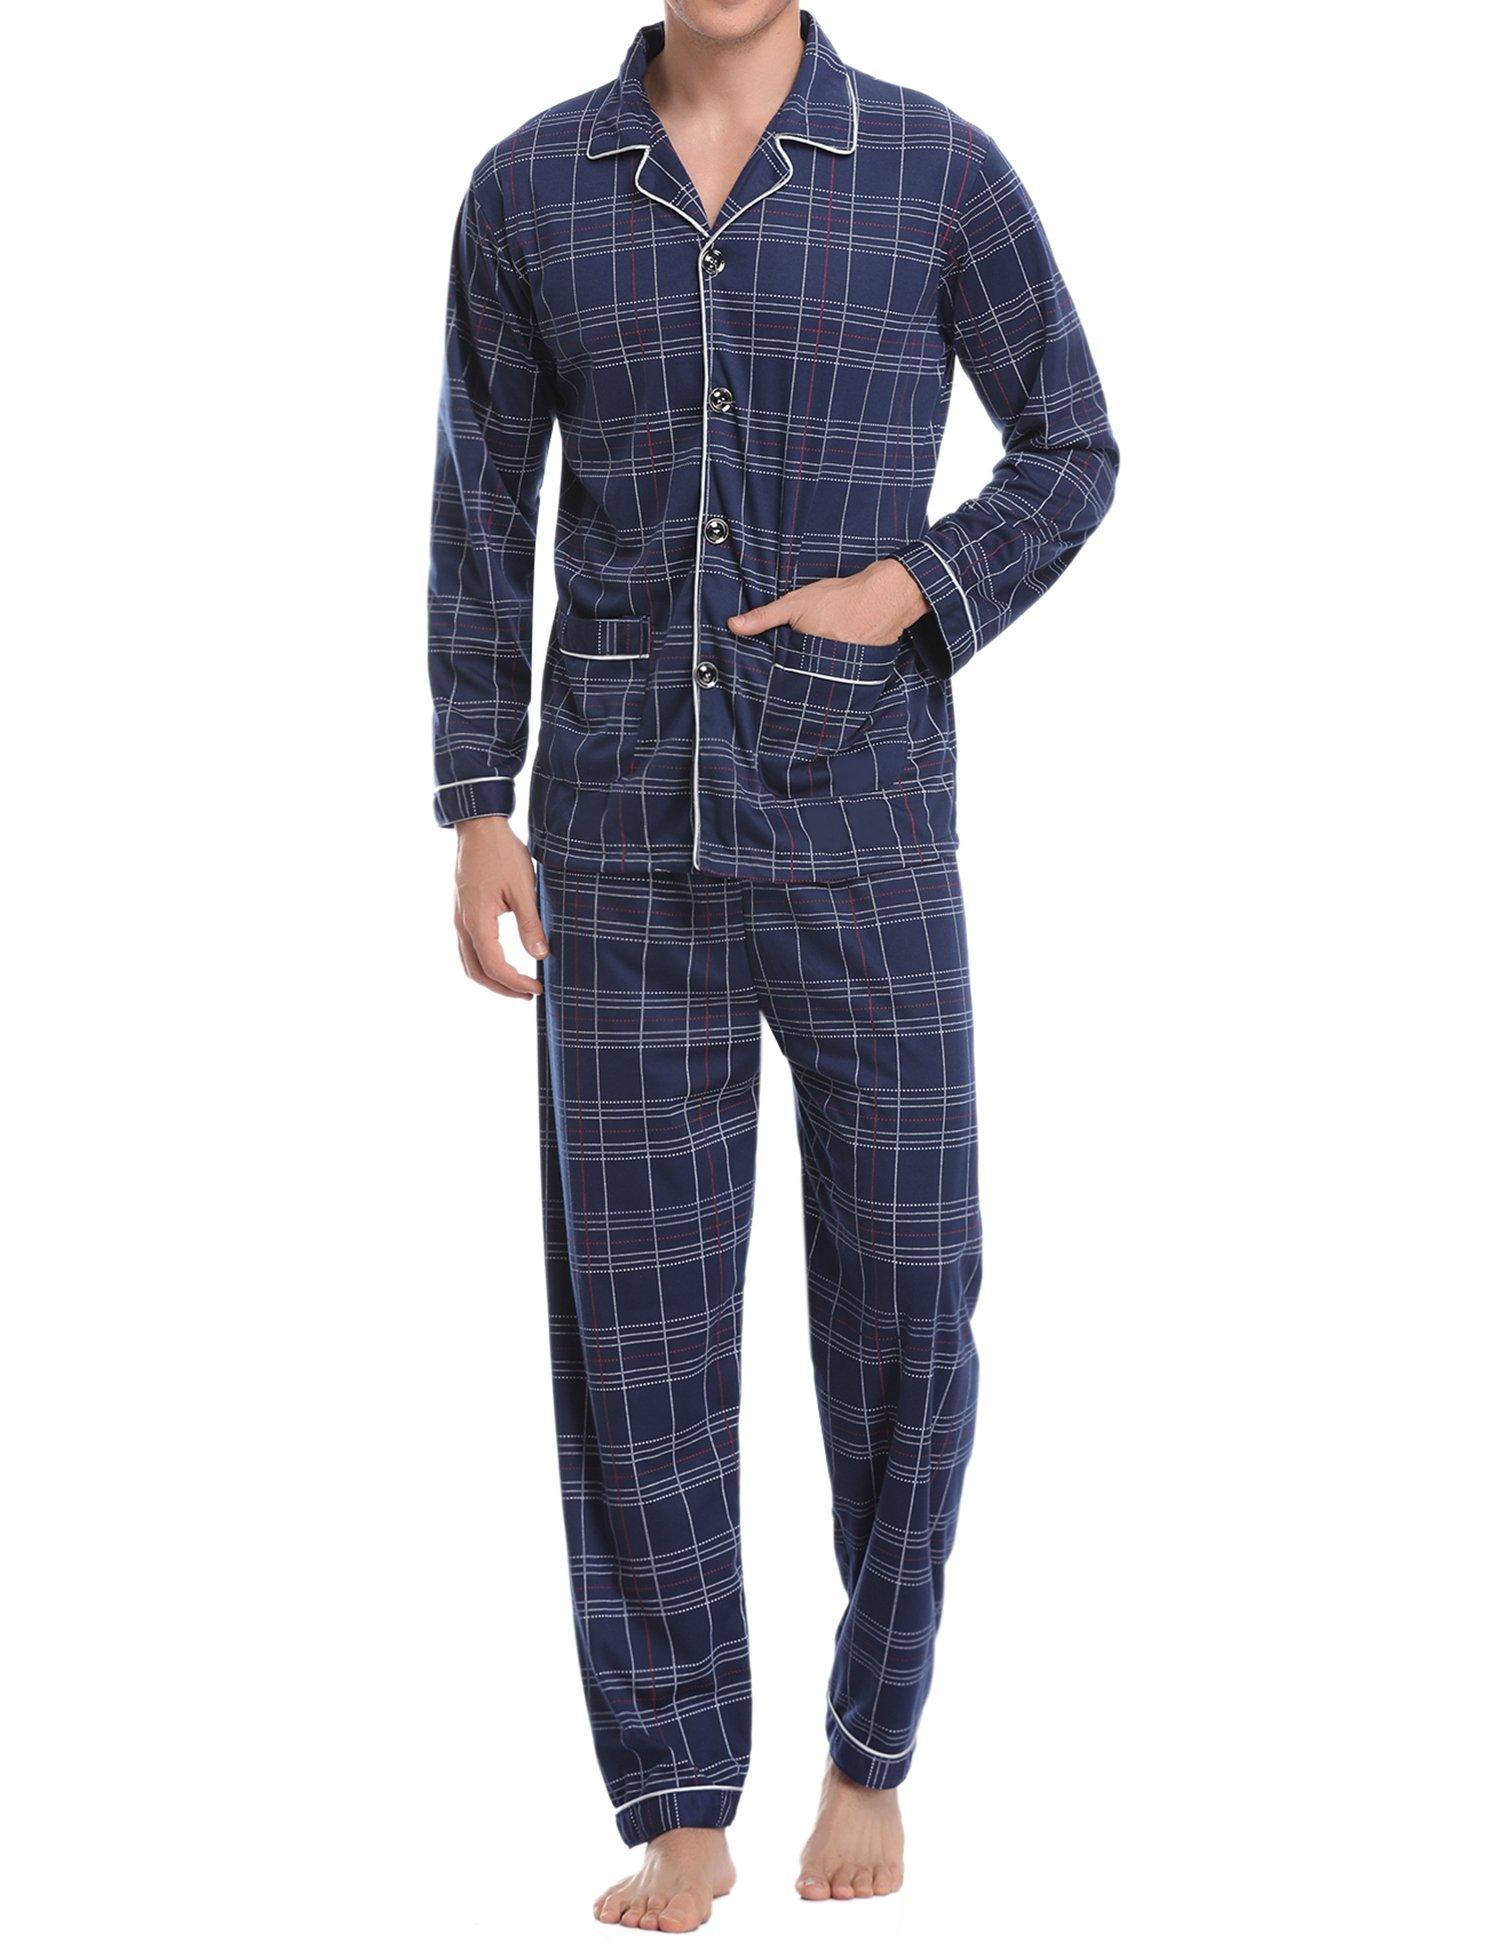 Aibrou Pijamas Hombre Invierno Algodón 2 Piezas Calentito Pijamas Hombre Otoño Algodón,Suave,Cómodo y Agradable